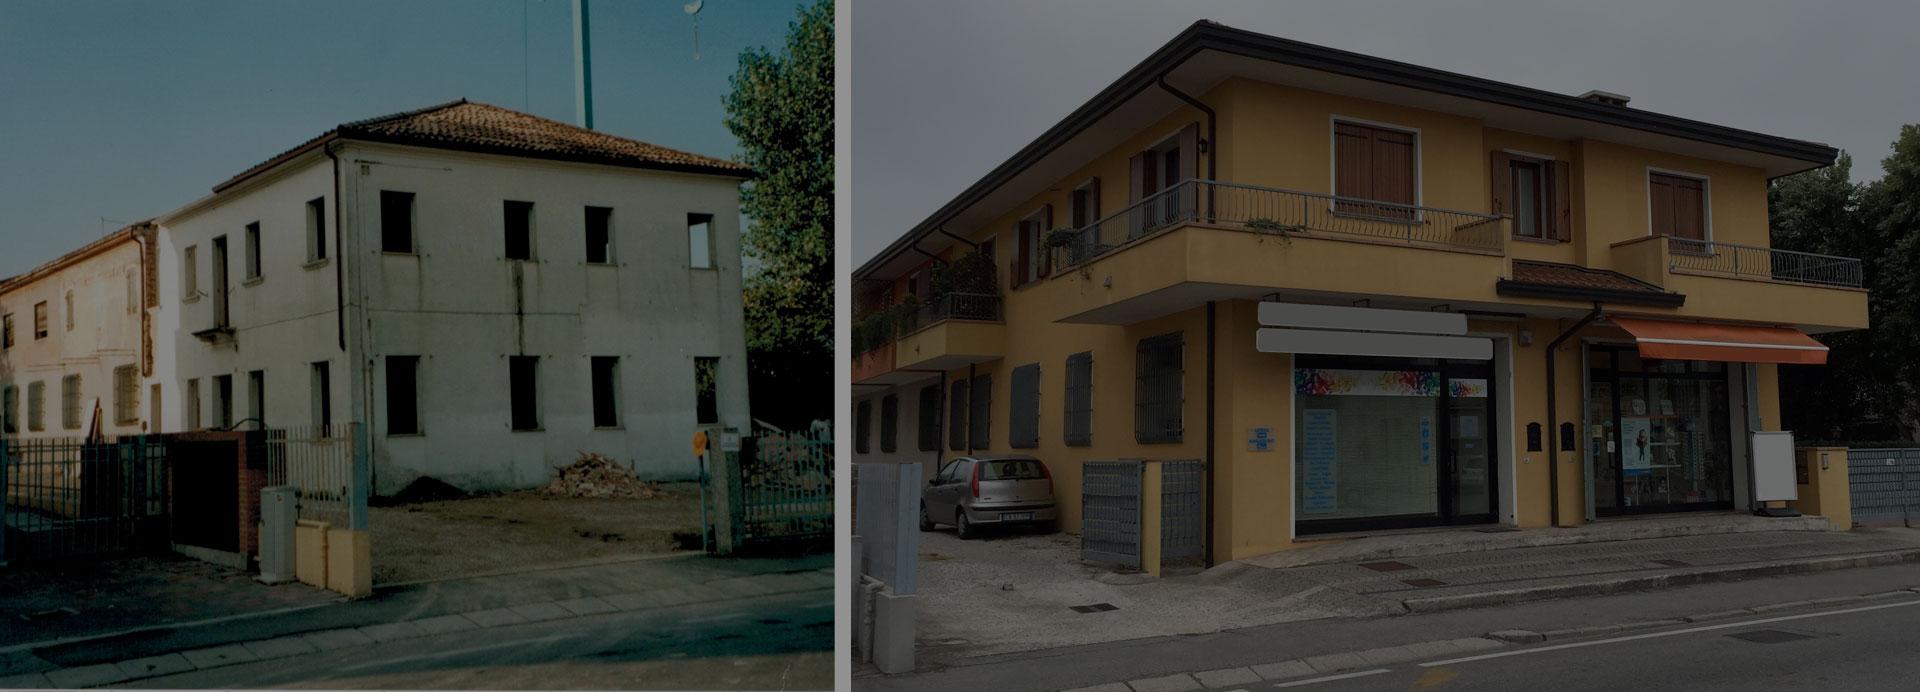 Costruttori edili Padova